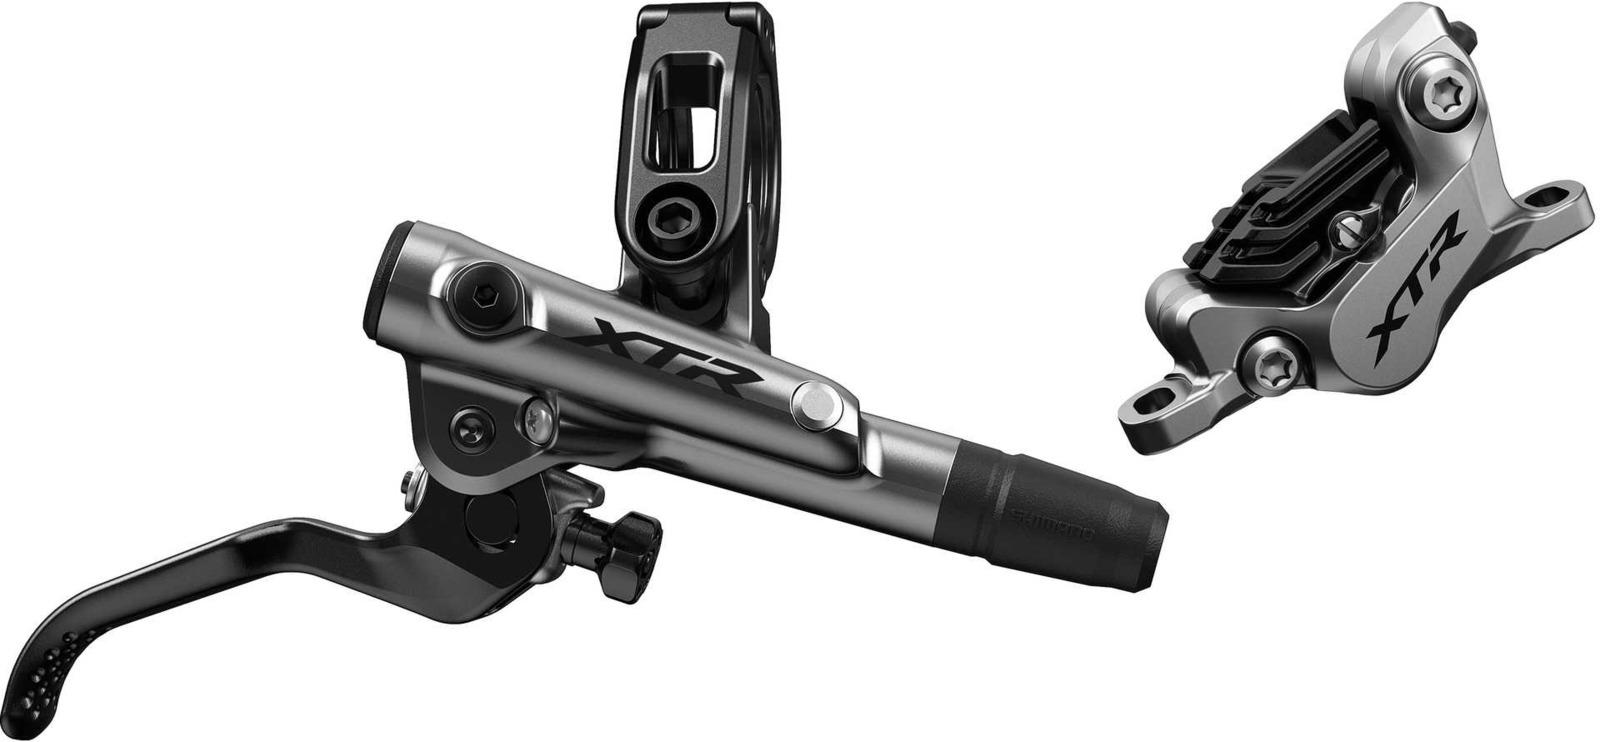 Тормоз для велосипеда Shimano XTR, M9120, BL правый/BR задний, металлические колодки с кулером, 1700 мм, IM9120KRRXNA170